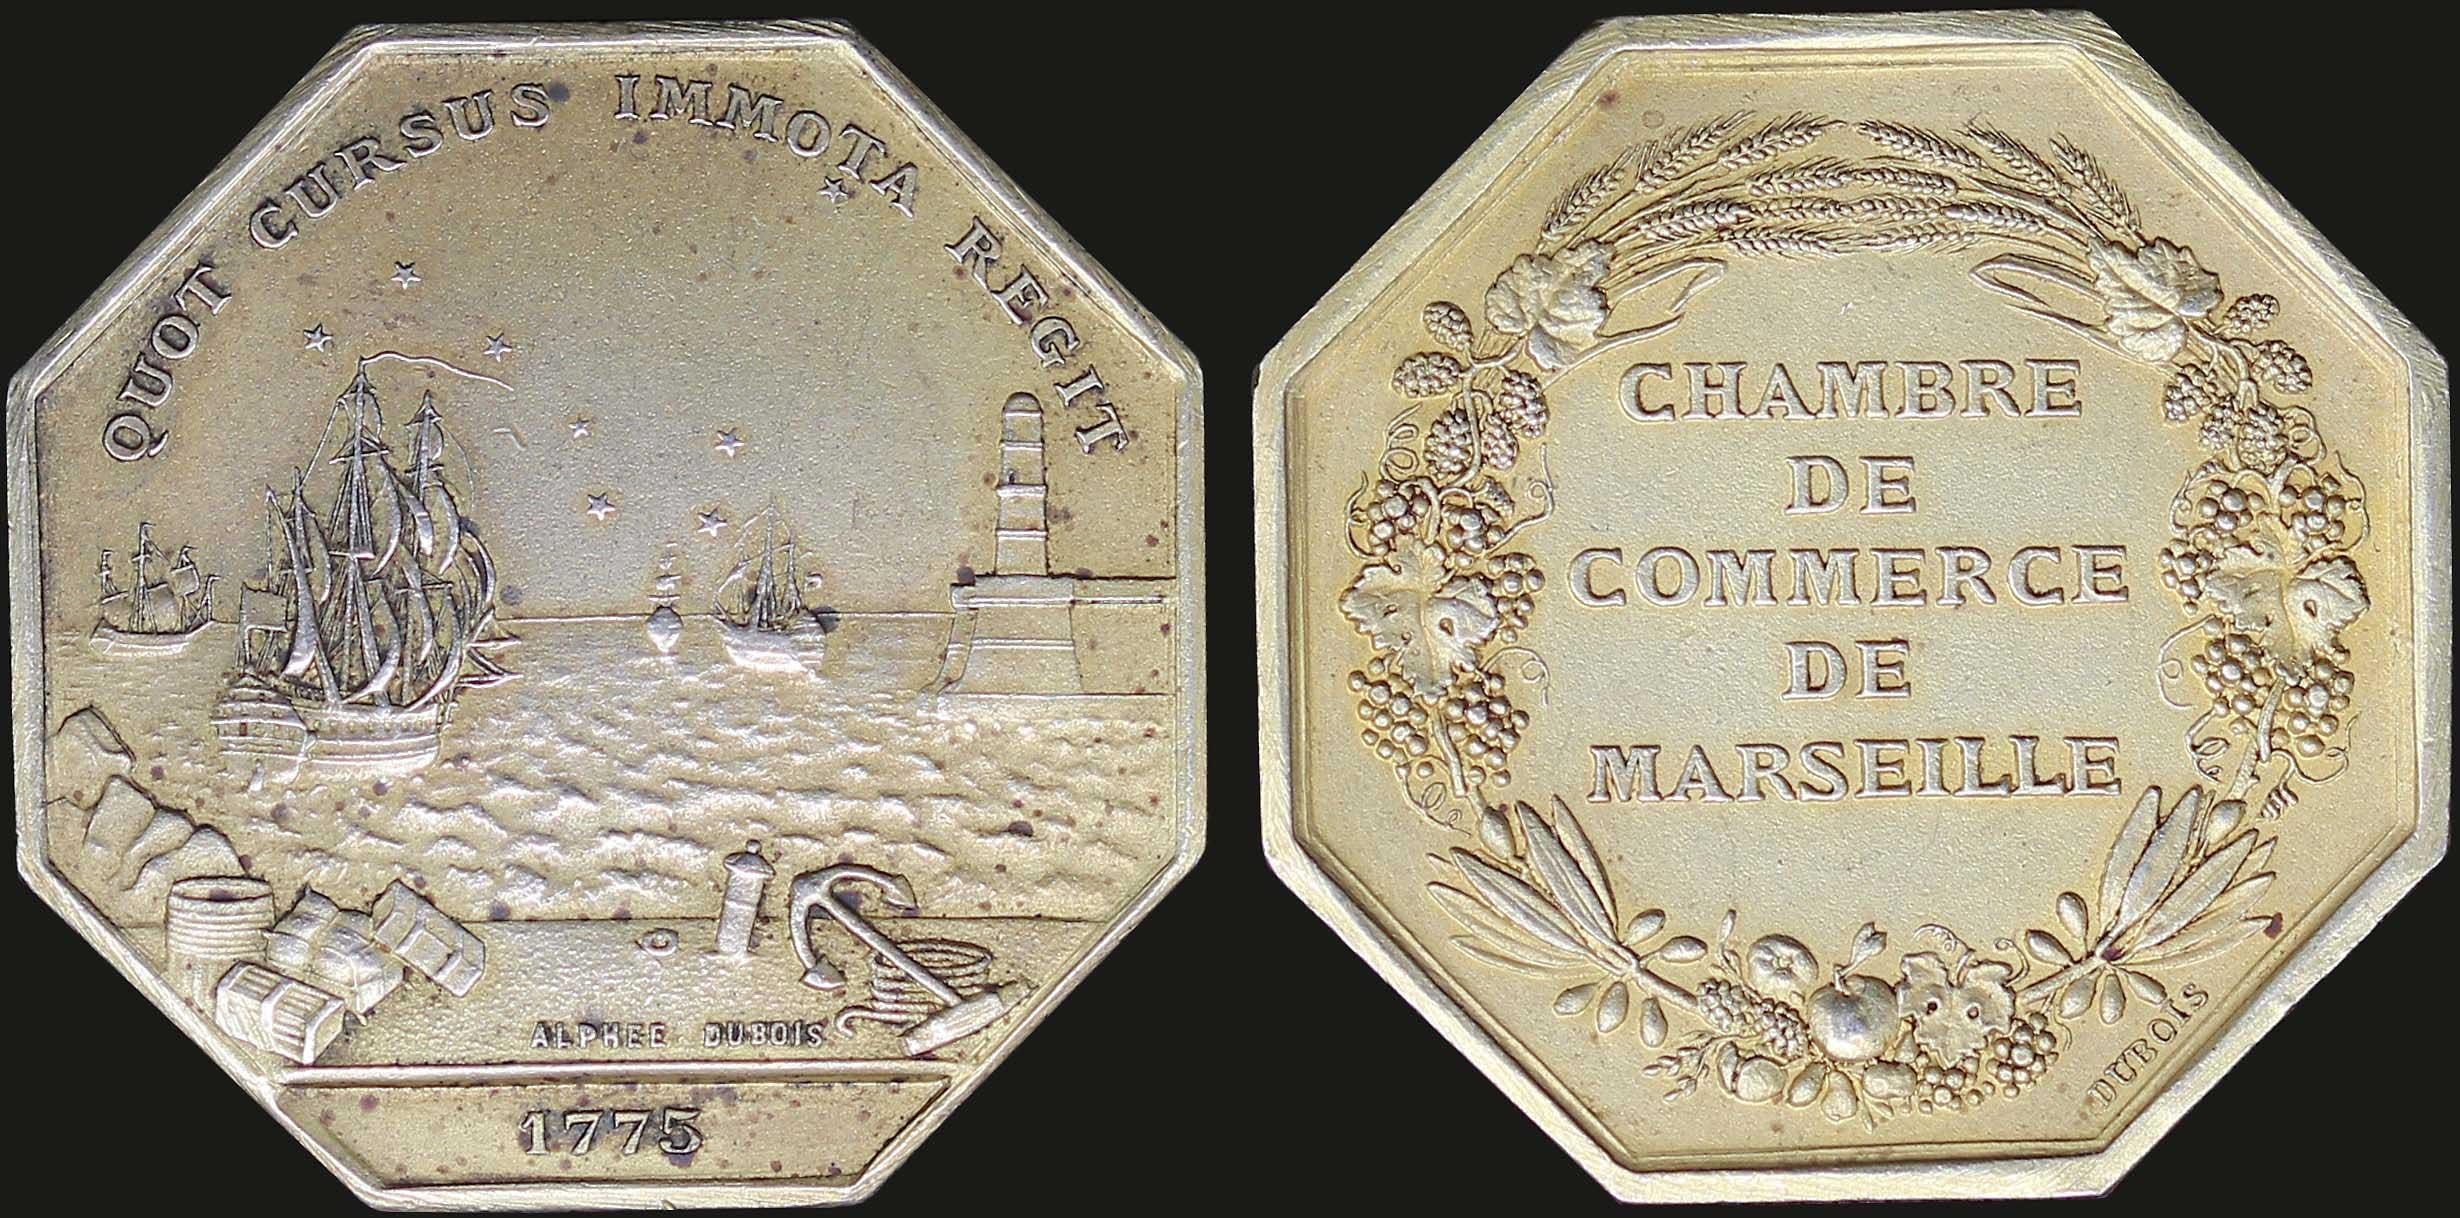 Lot 6982 - -  MEDALS & DECORATIONS FOREIGN MEDALS & DECORATIONS -  A. Karamitsos Public & Live Bid Auction 636 Coins, Medals & Banknotes